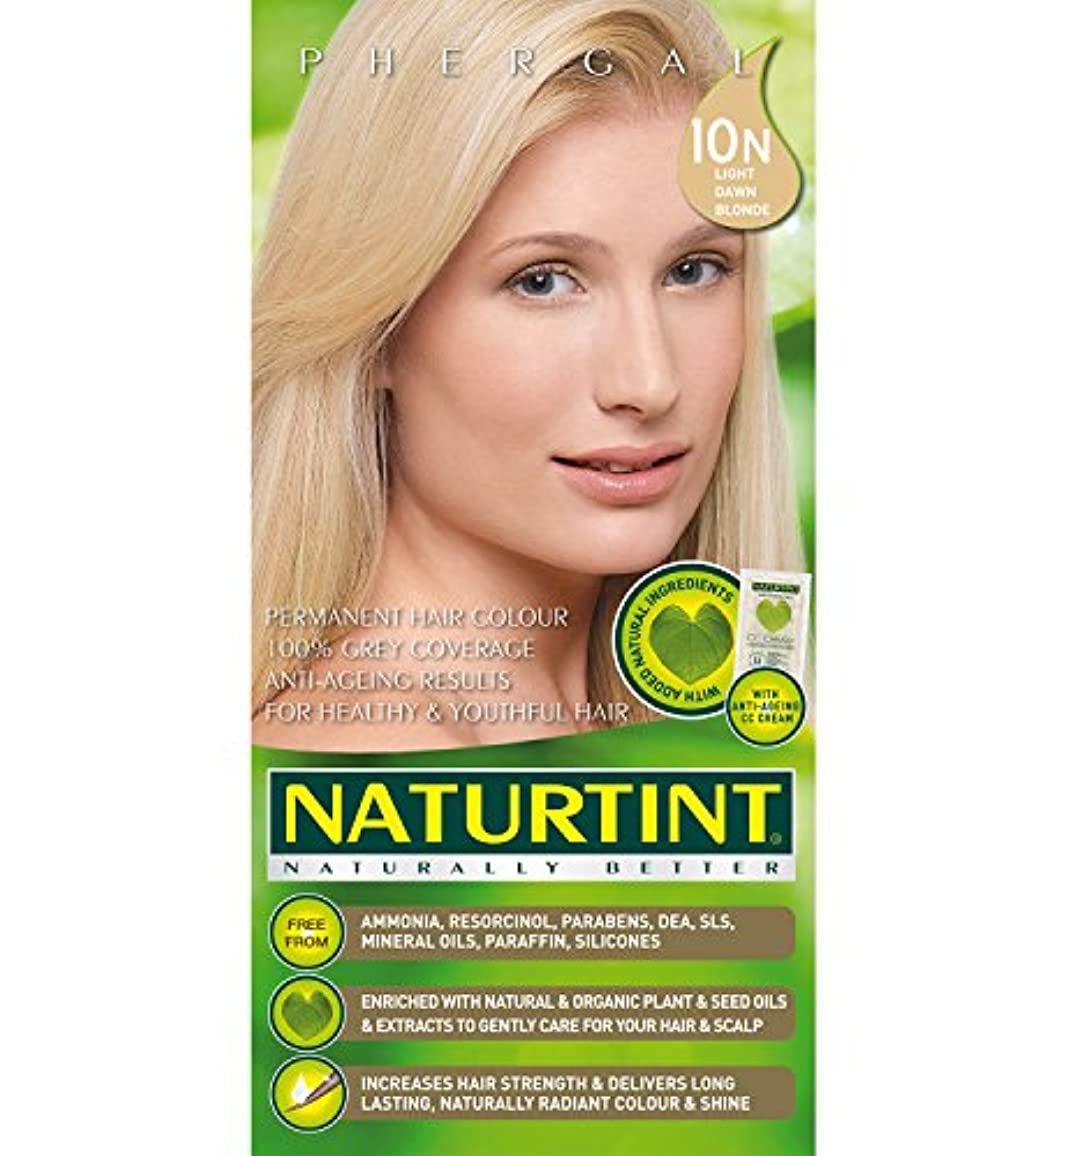 約束するクレーン昆虫Naturtint Hair Color 10N Light Dawn Blonde Count (並行輸入品)